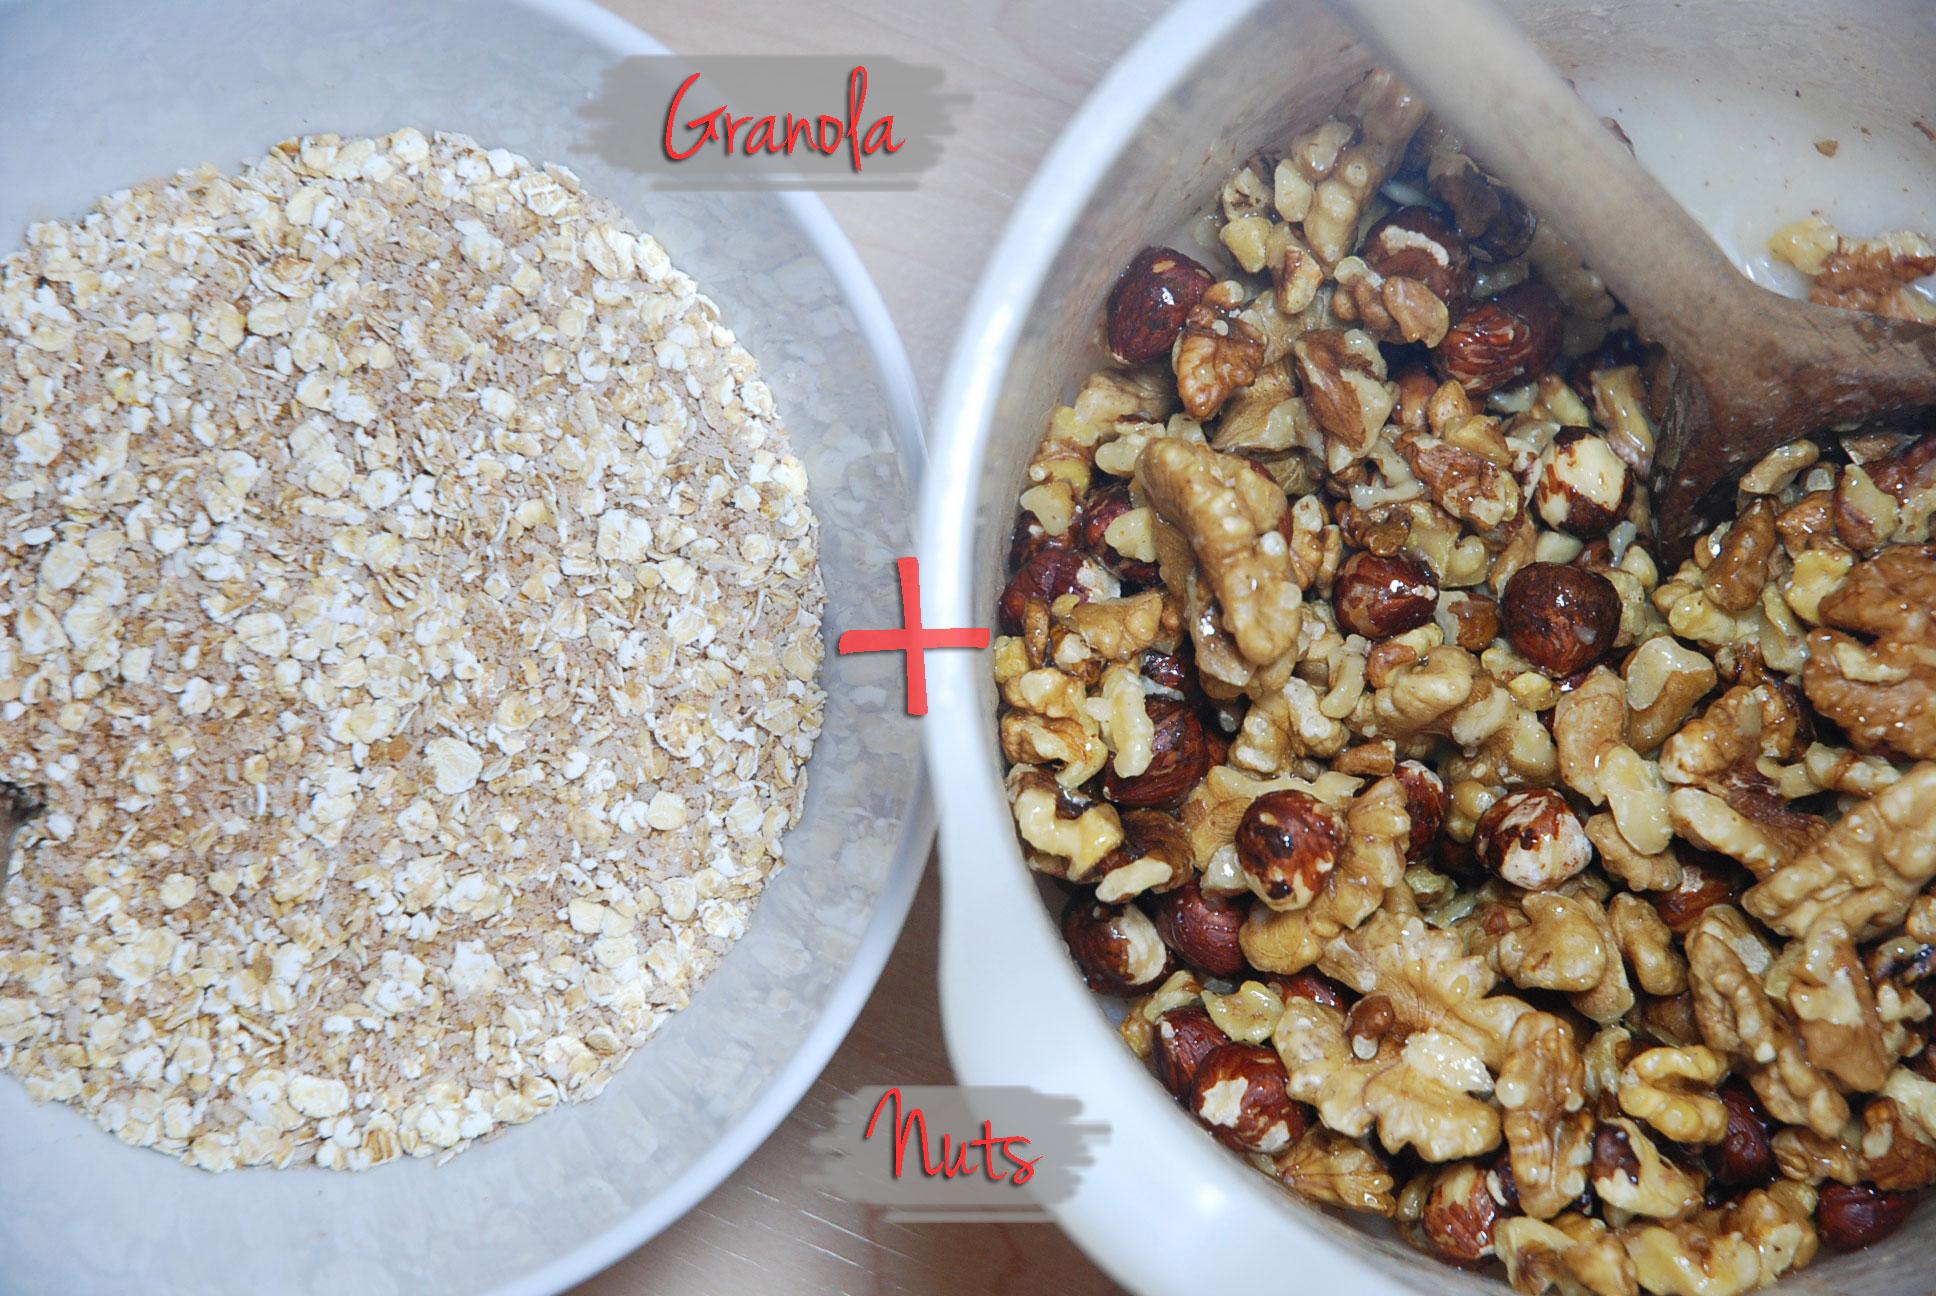 Granola Nuts 1